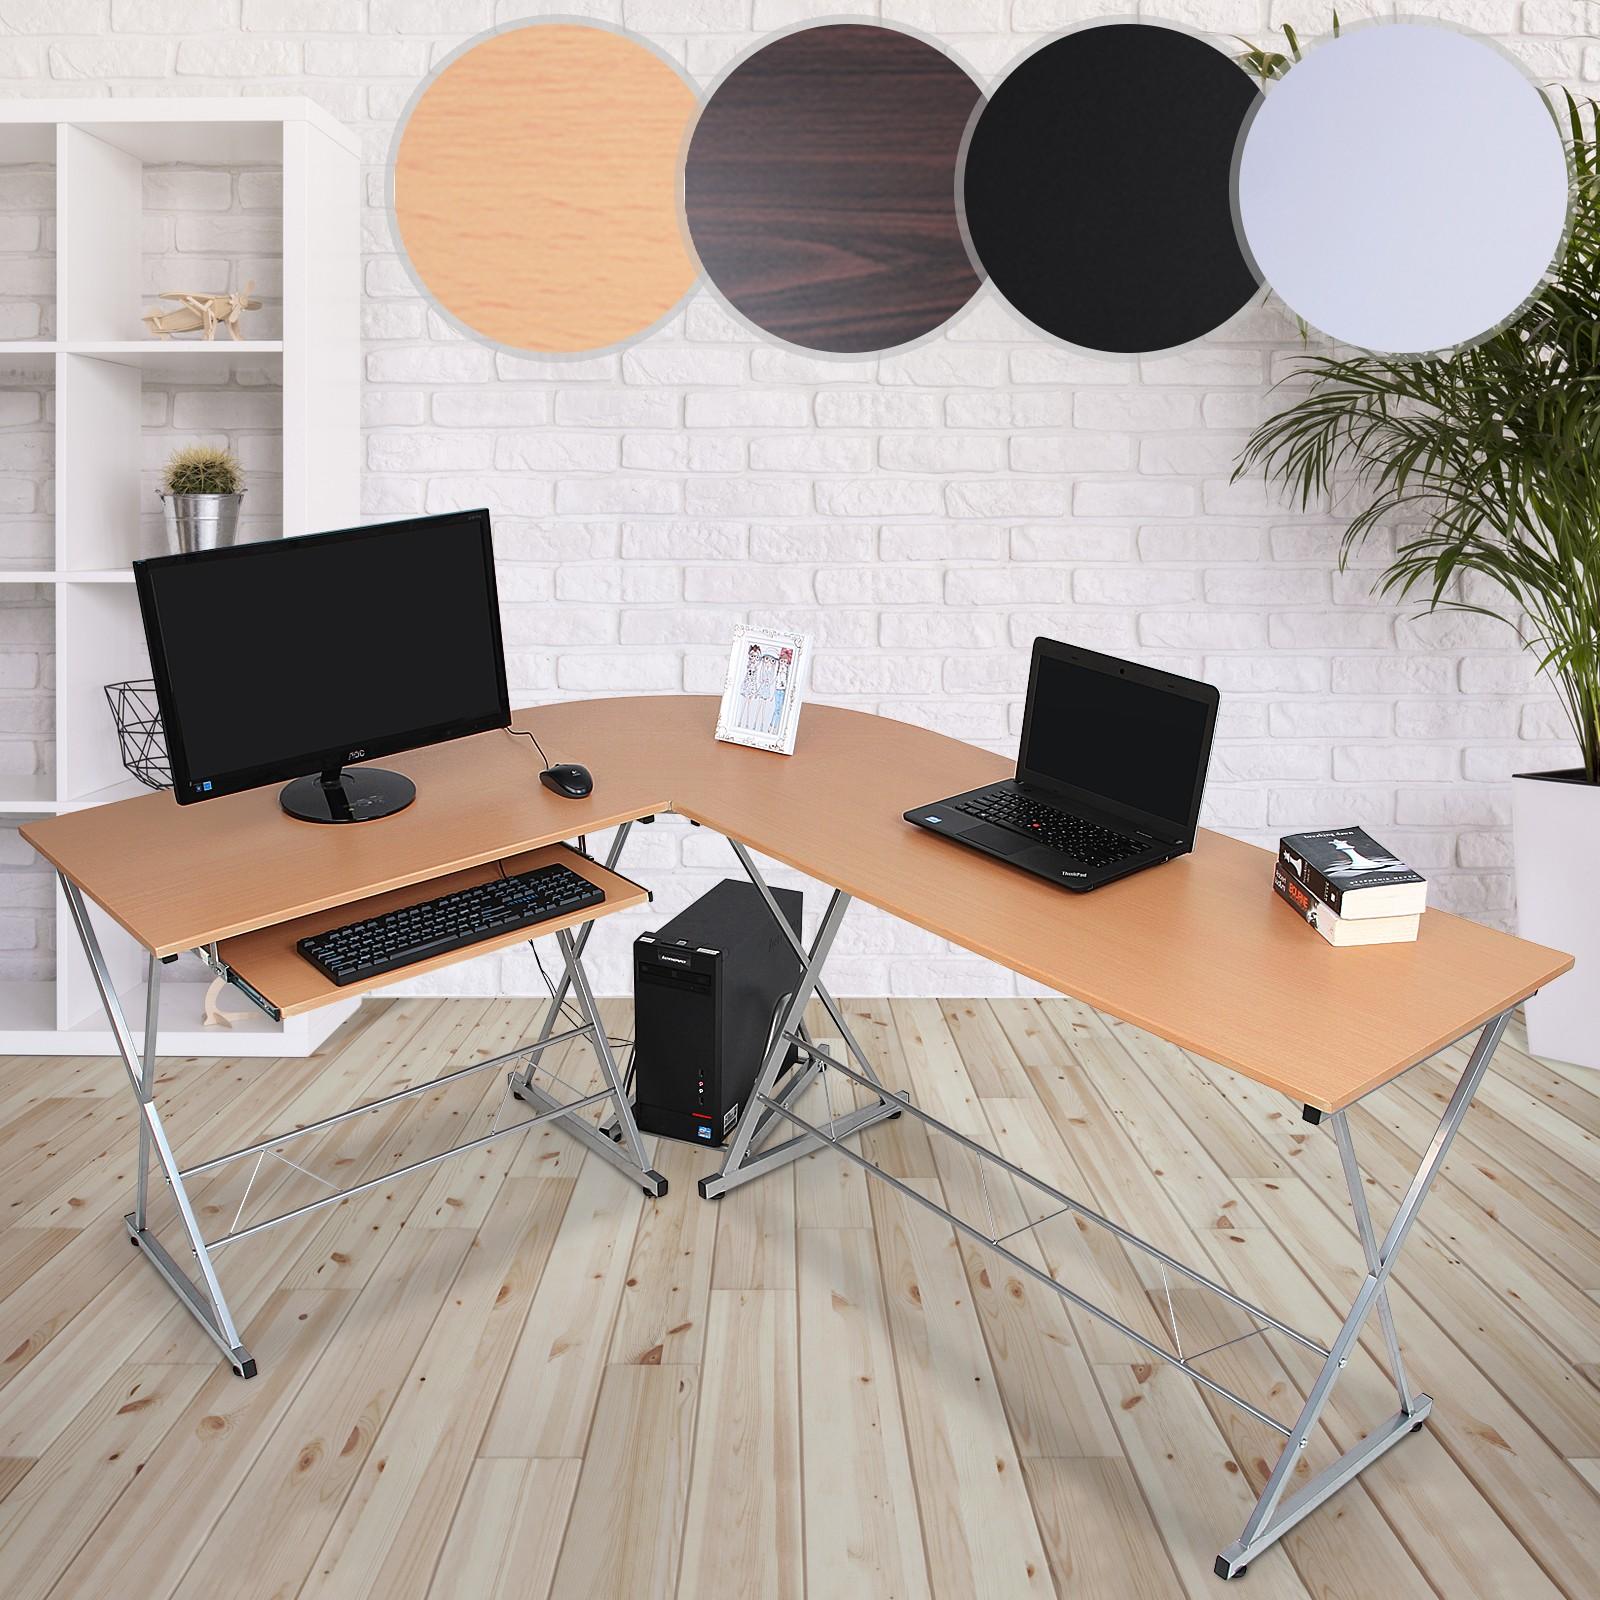 ... SPACIEUX: Le Bureau Du0027angle Dispose De 2 Tables De Travail Offrant  Suffisamment Du0027espace Et Les Dimensions Sont 170x136x75cm